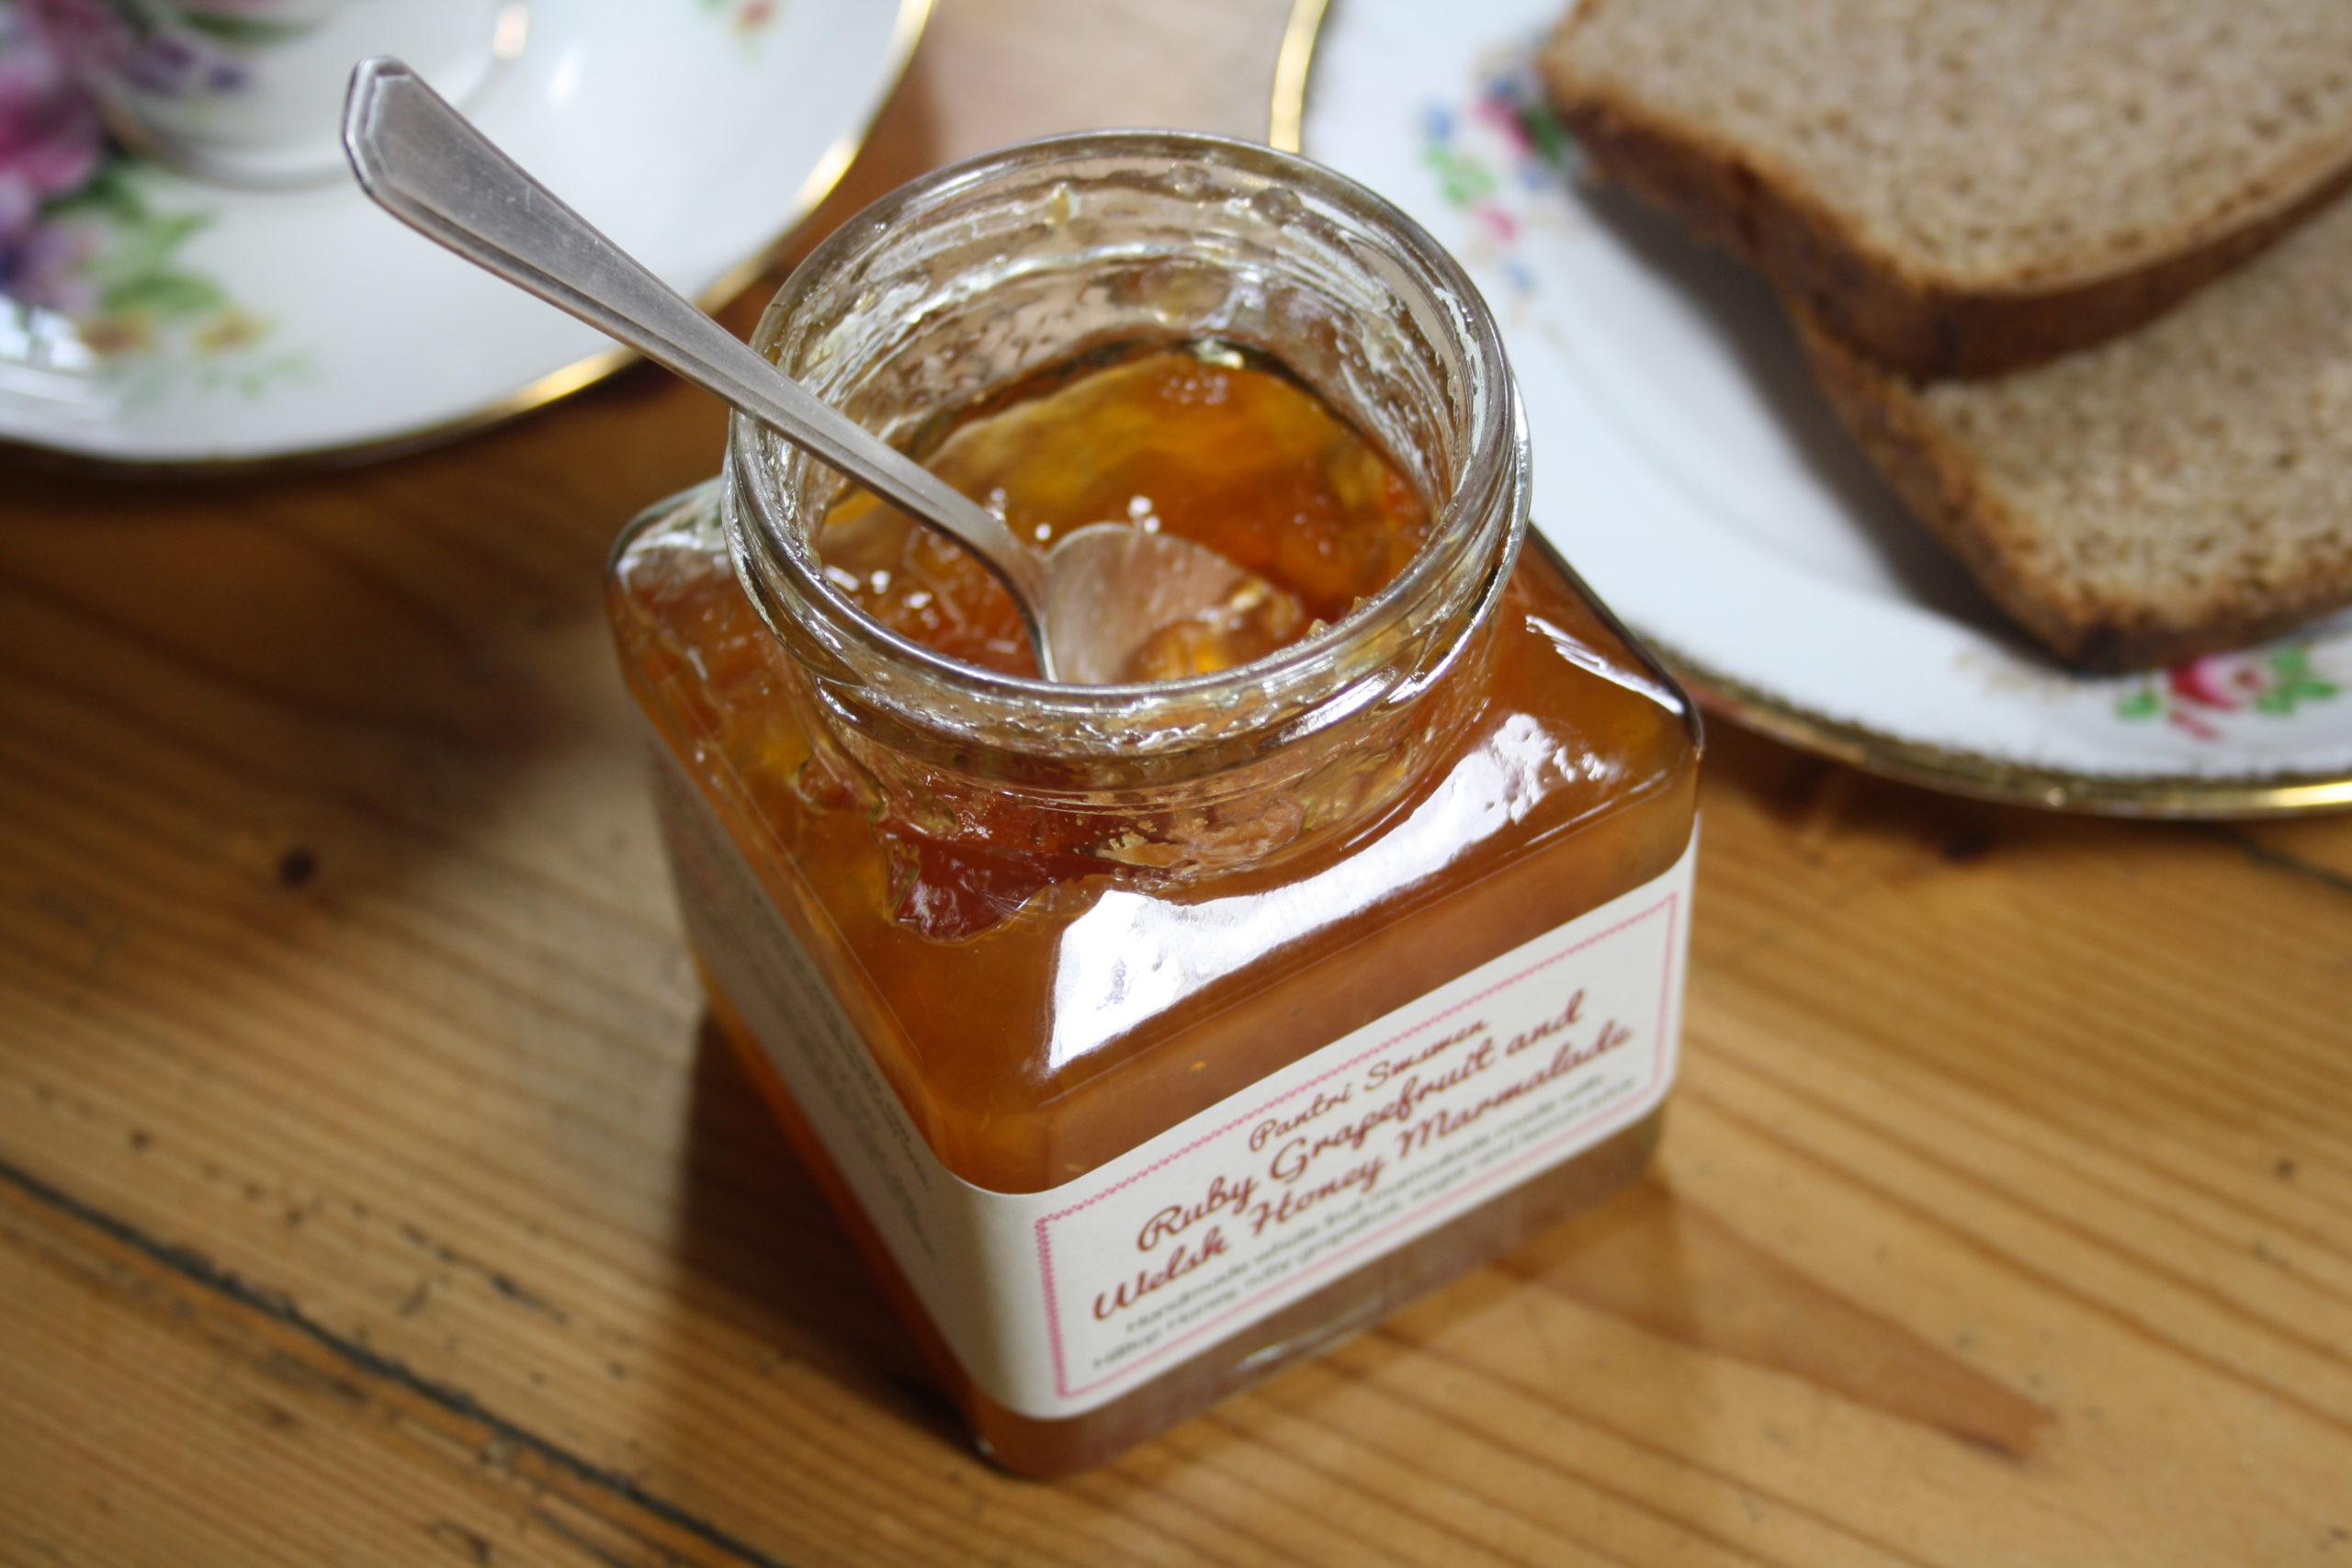 artisan marmalade